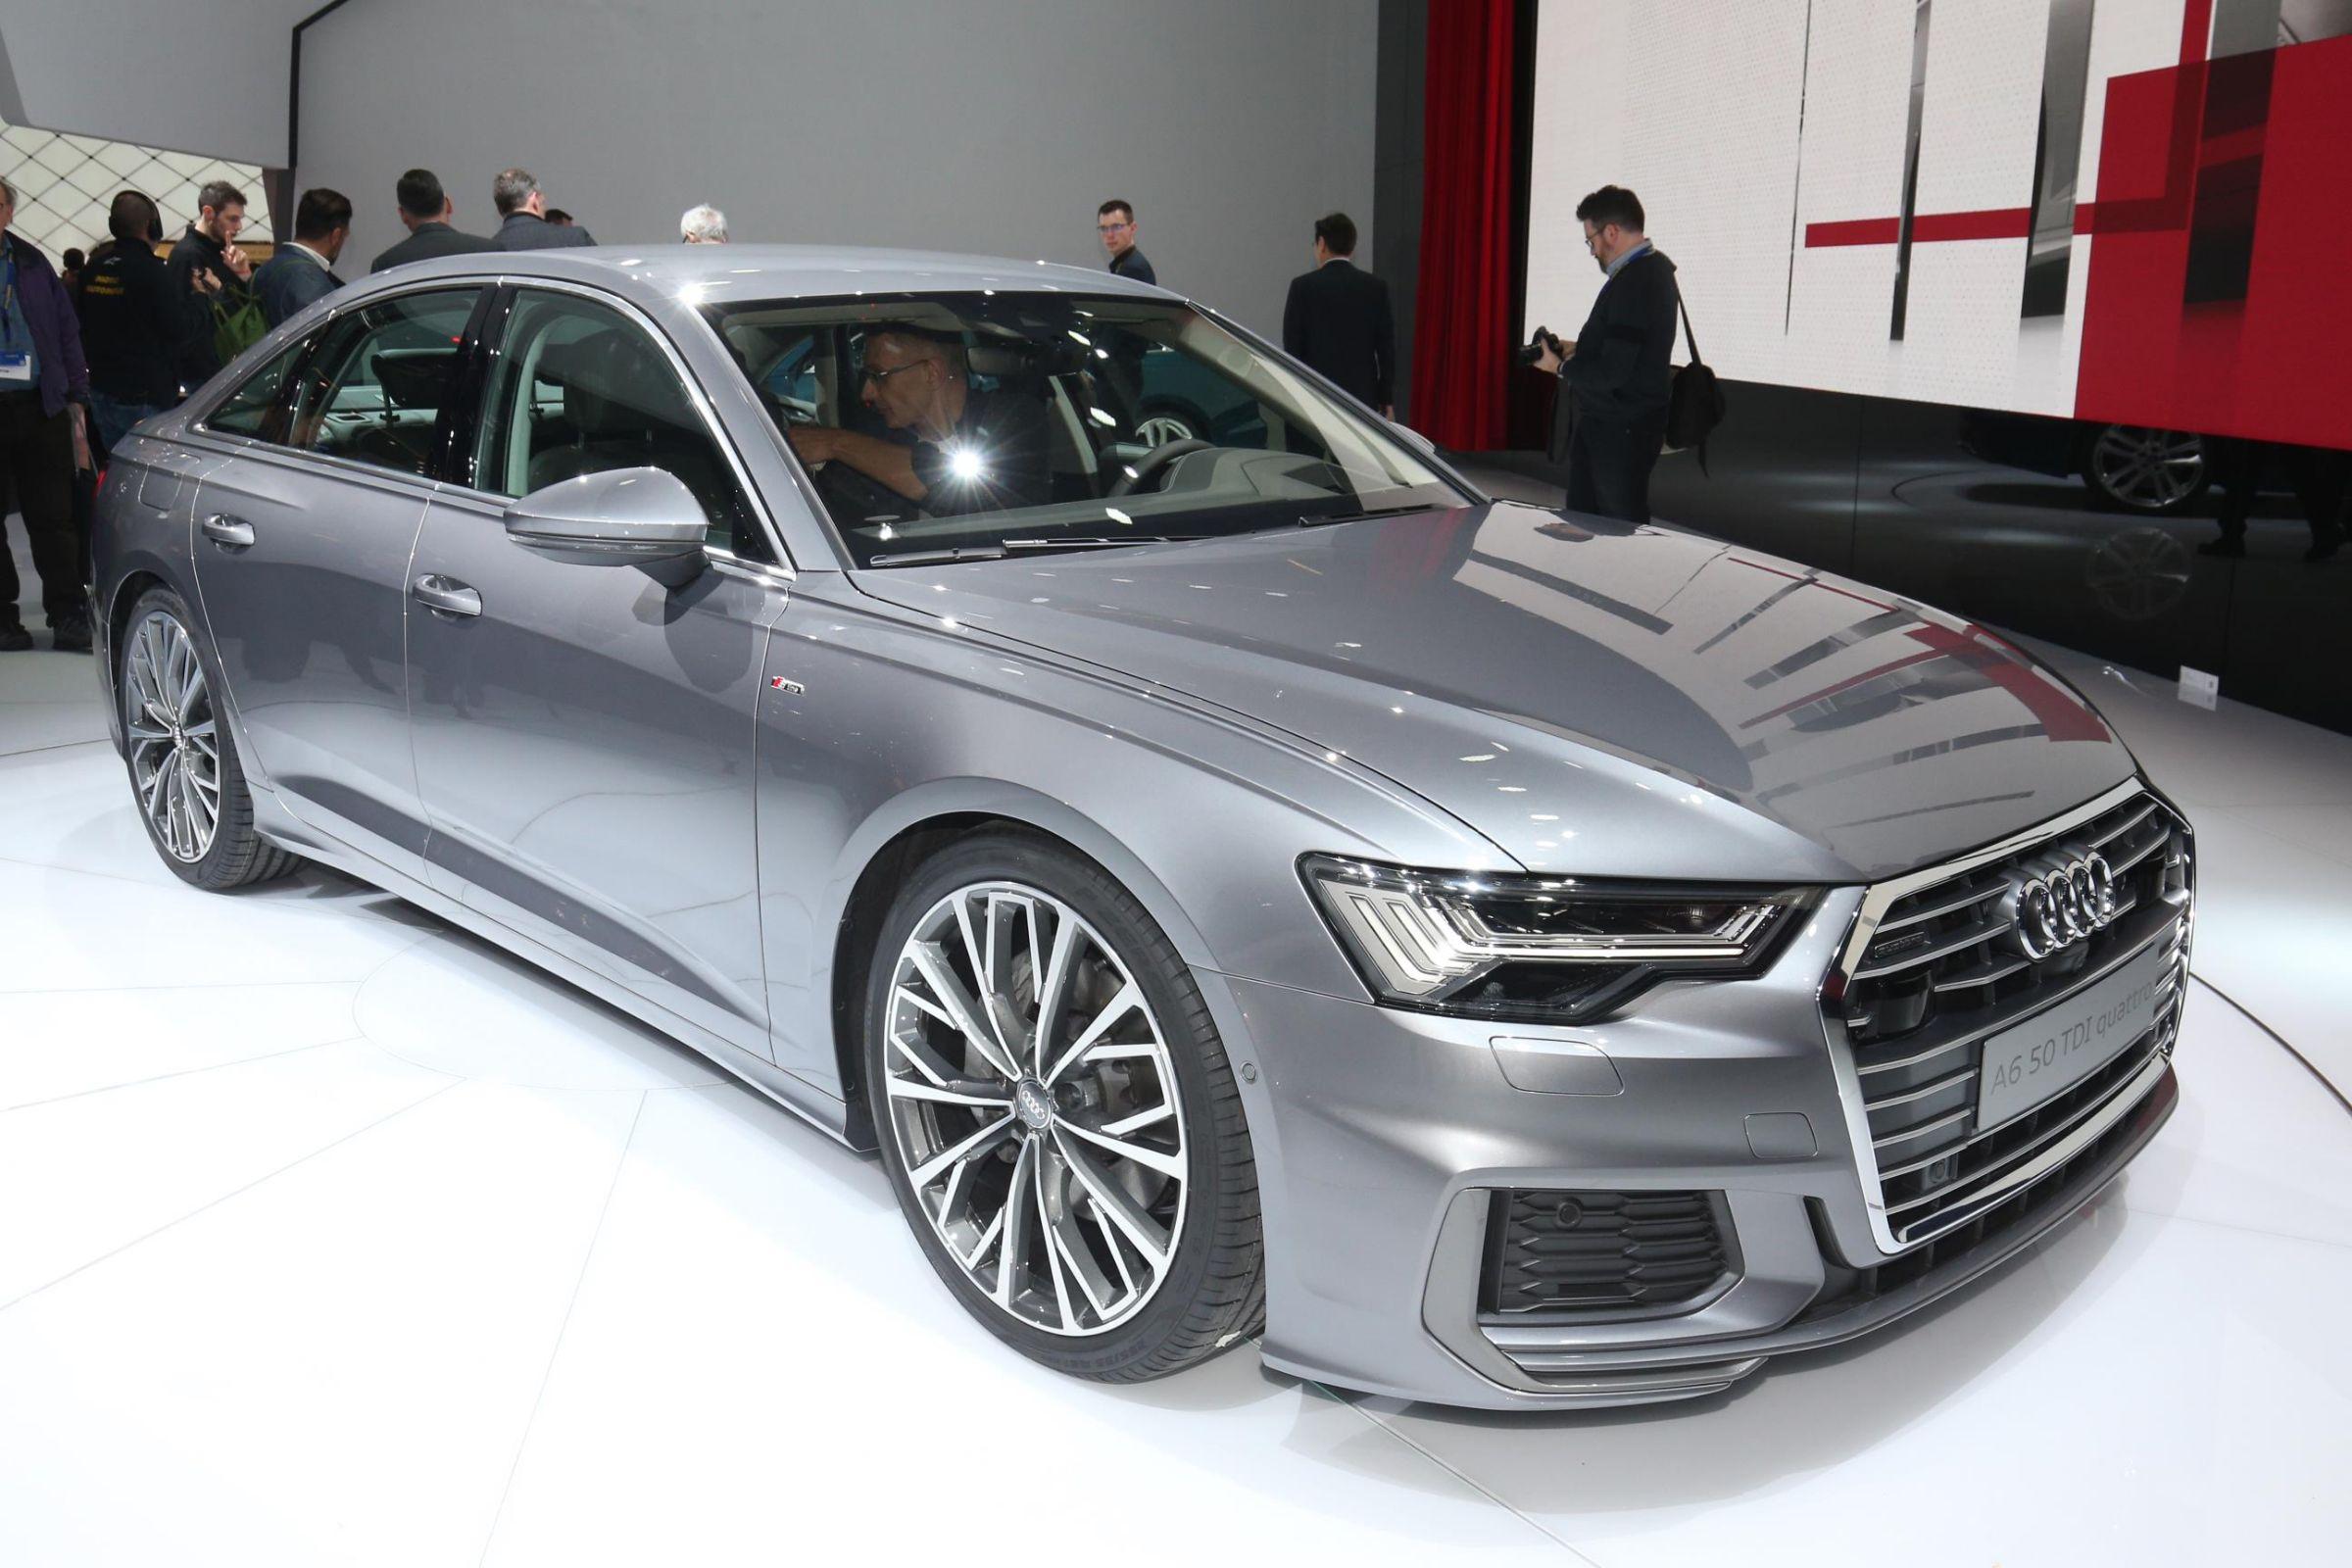 Boris mostra, em vídeos, as estrelas do Salão de Genebra 2018. Modelos Audi, Ford, Rinspeed, Peugeto, Ferrari e Jeep adiantam tendências.